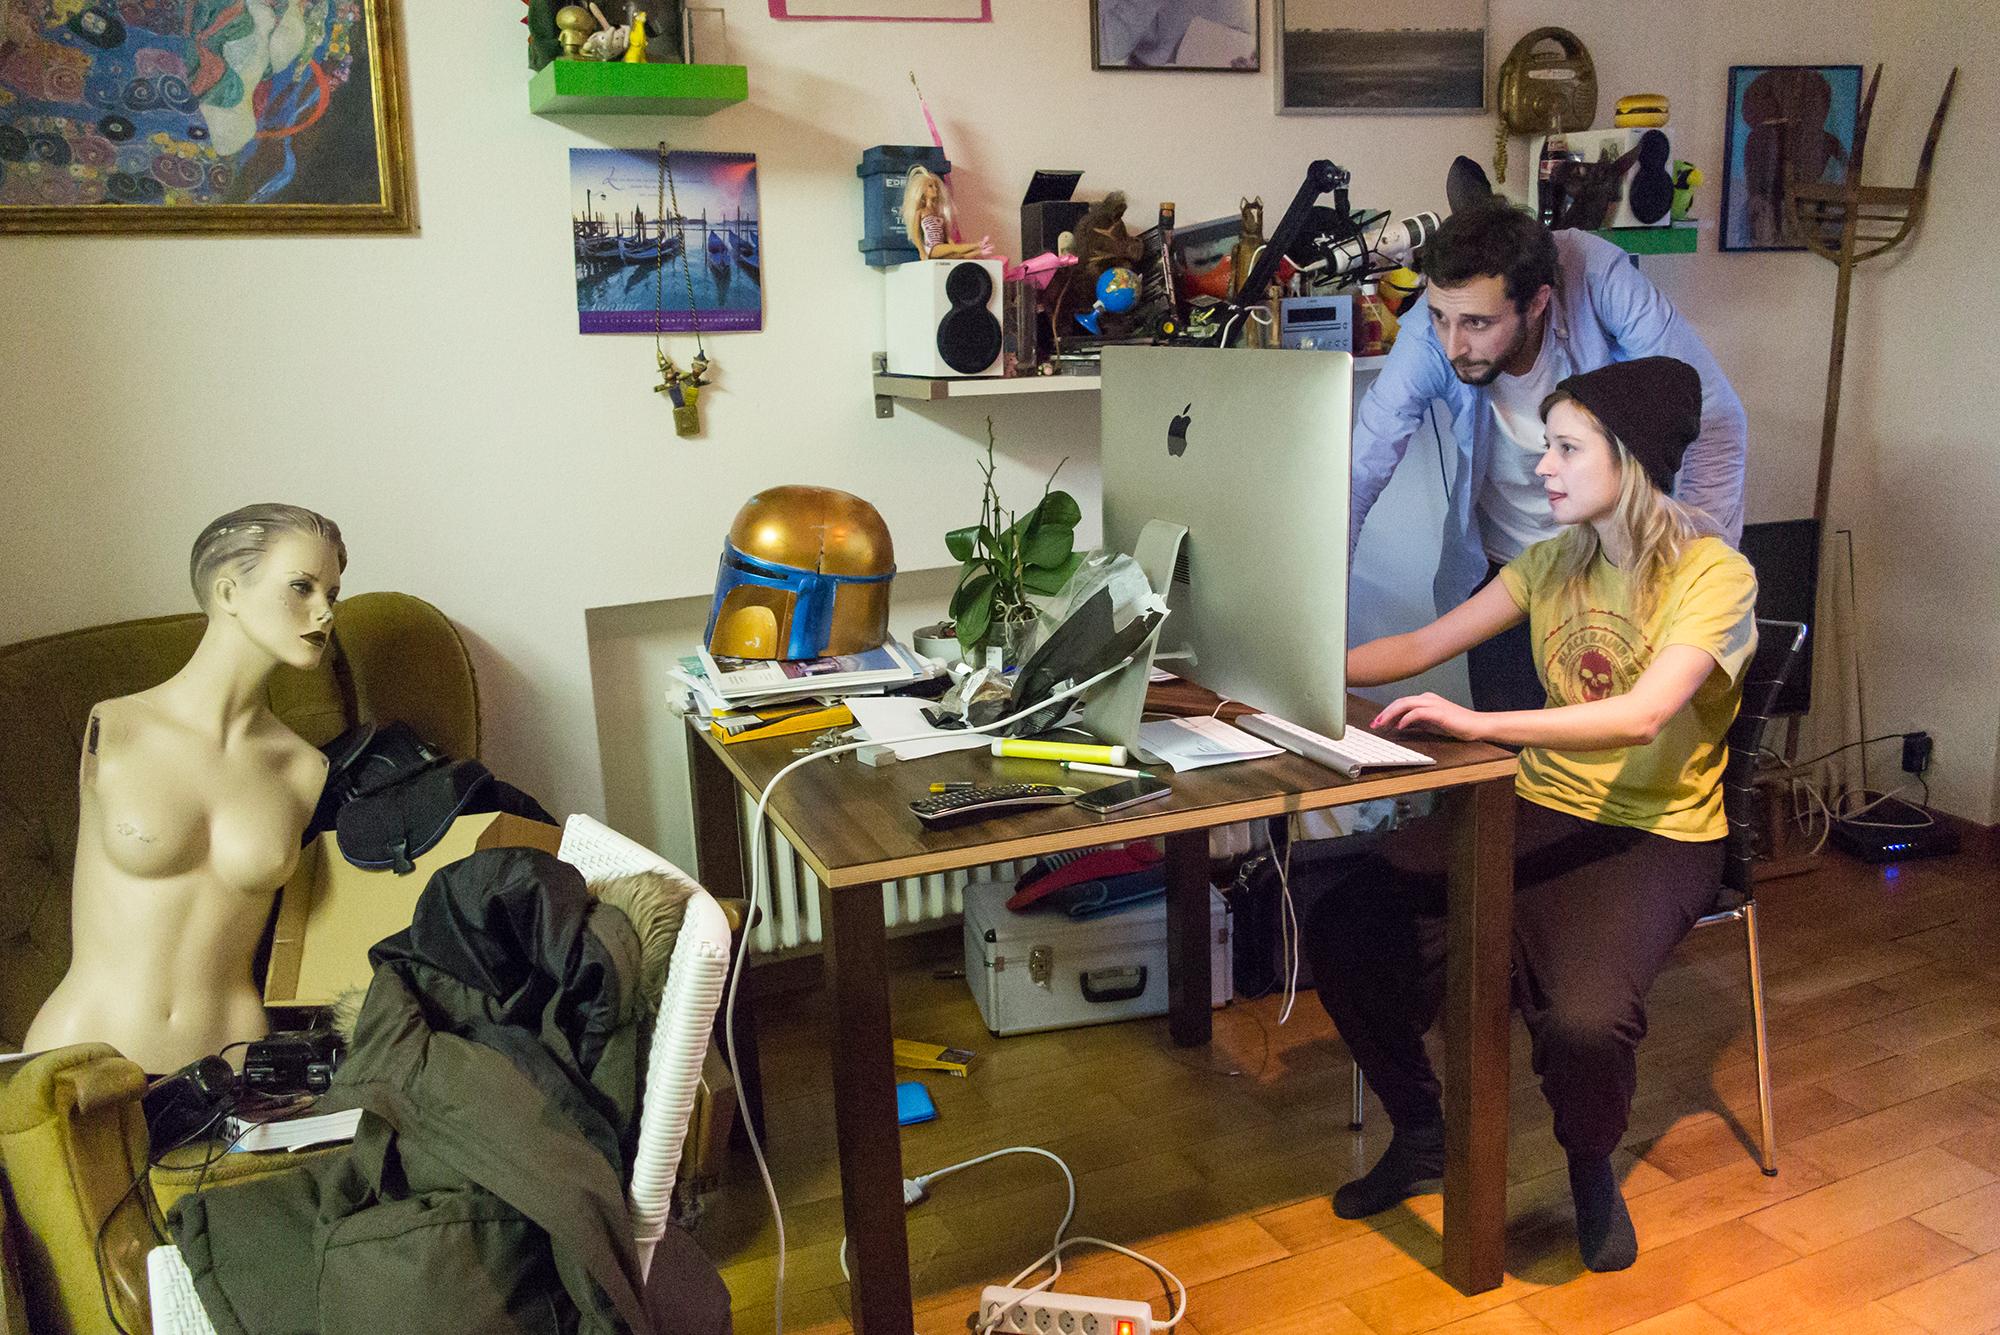 Lara Stolls Wohnung ist Tonstudio, Requisitenkammer und Gummizelle zugleich kurz: hier wird Bild mit Ton produziert.